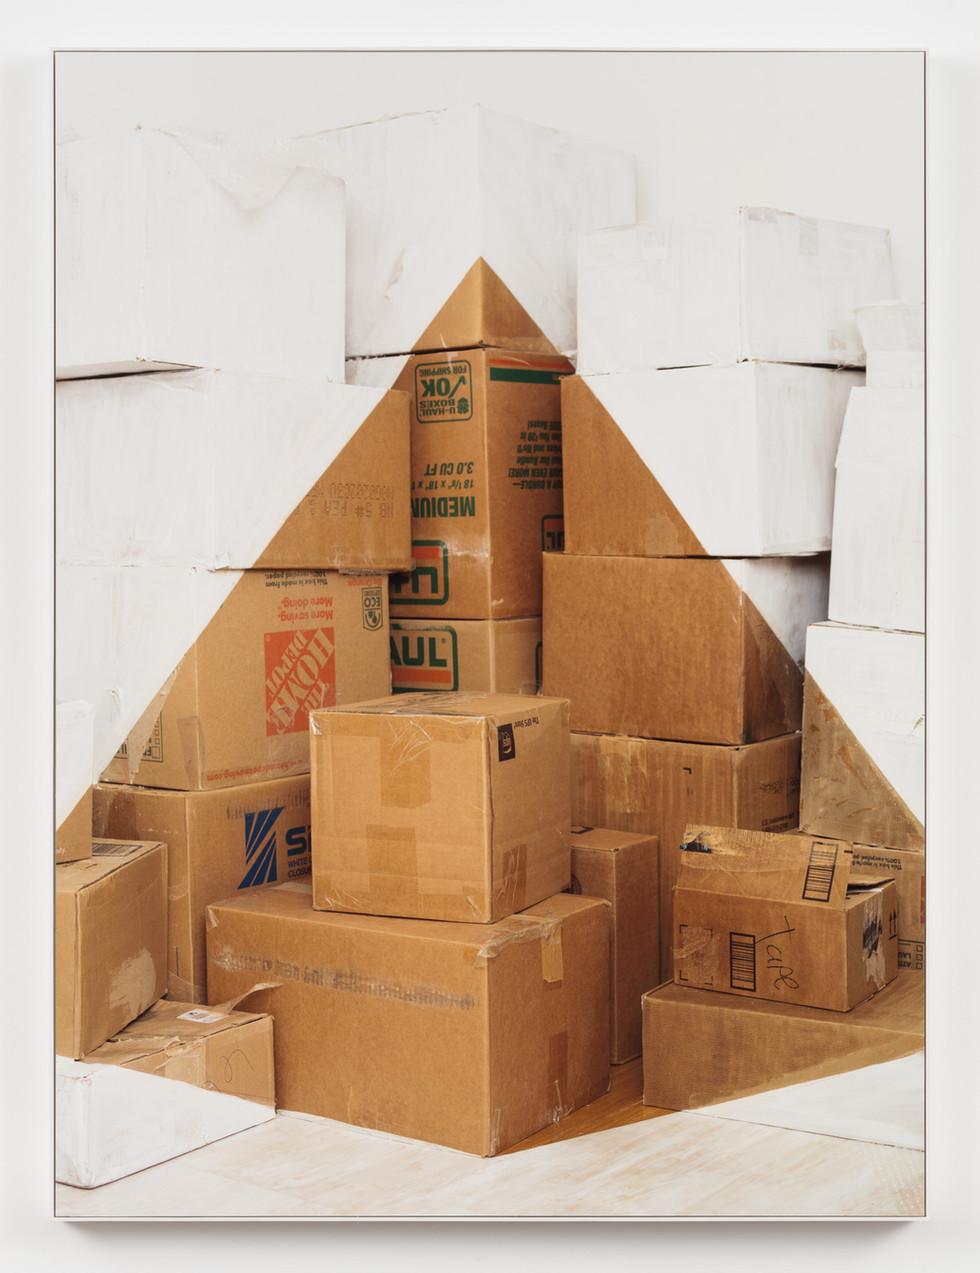 Pyramid, 2014